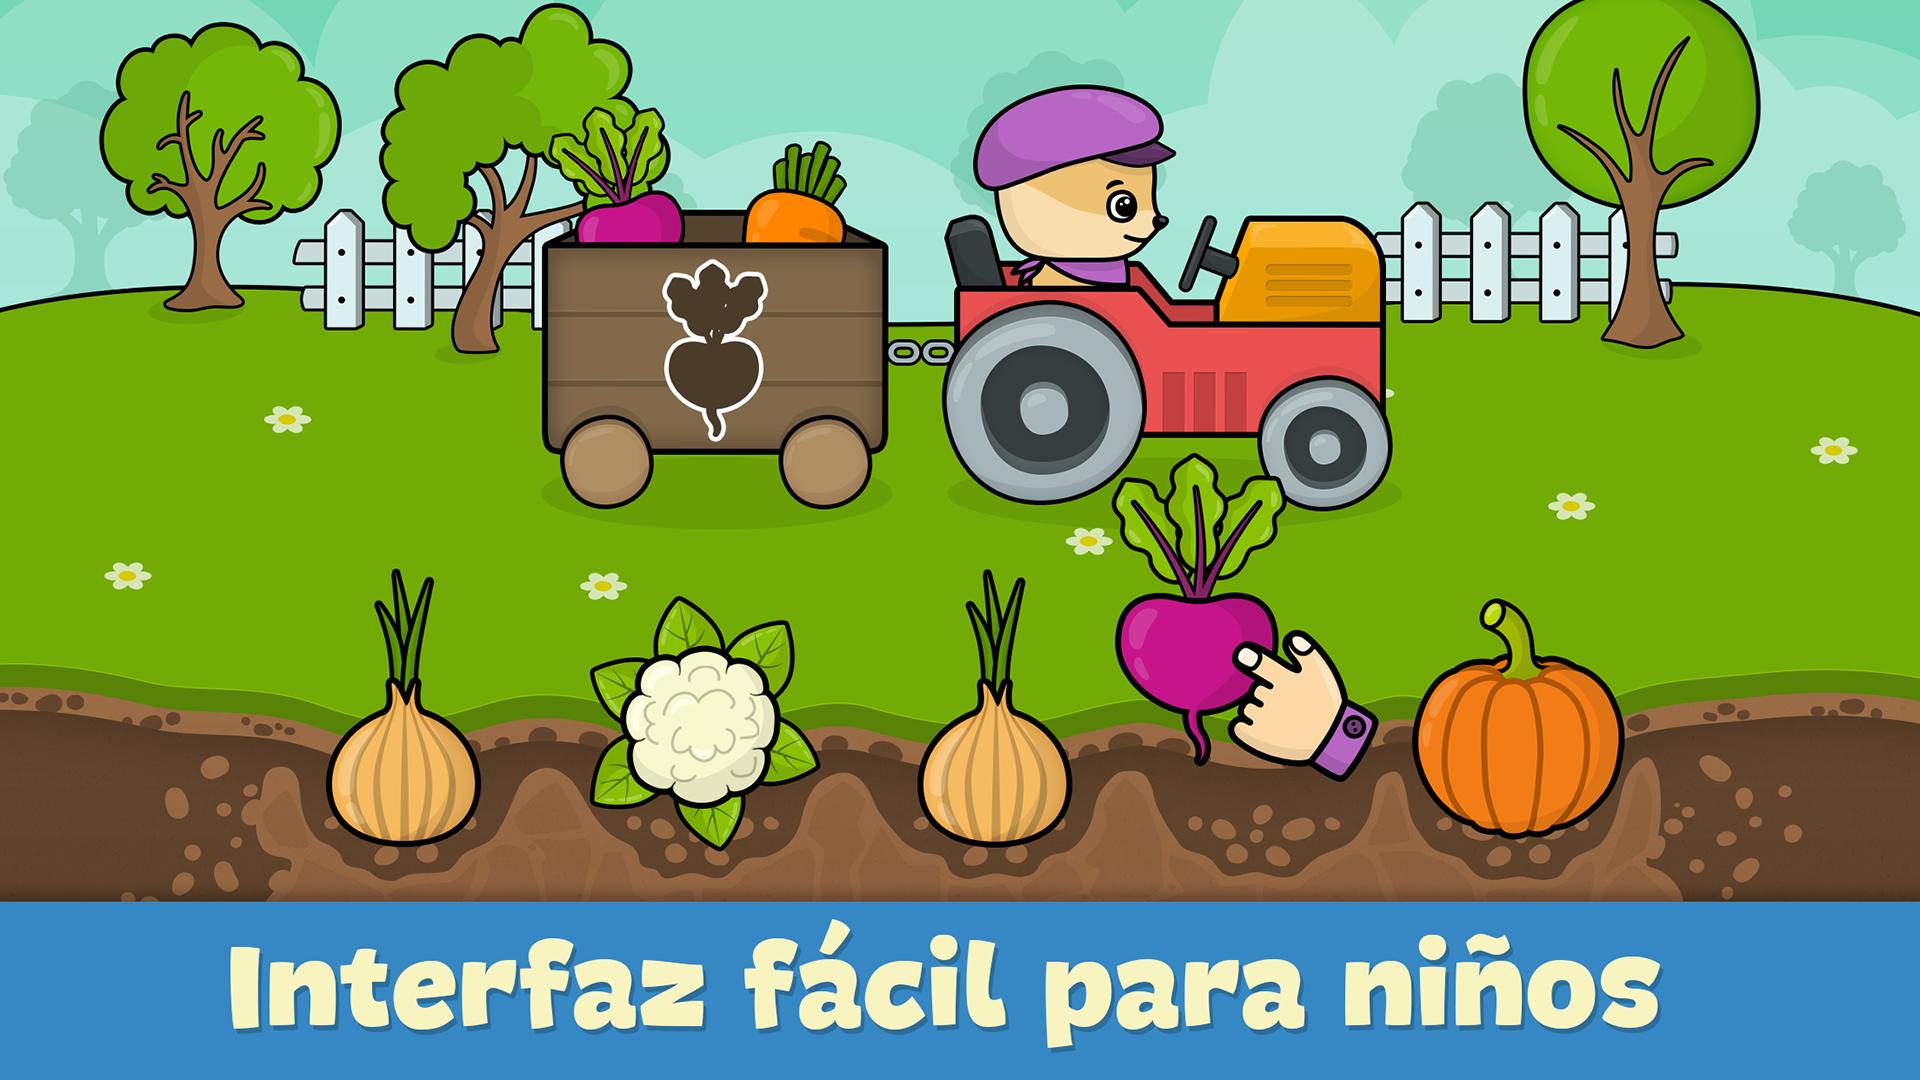 Juegos para niños de 2-5 años: Amazon.es: Appstore para Android